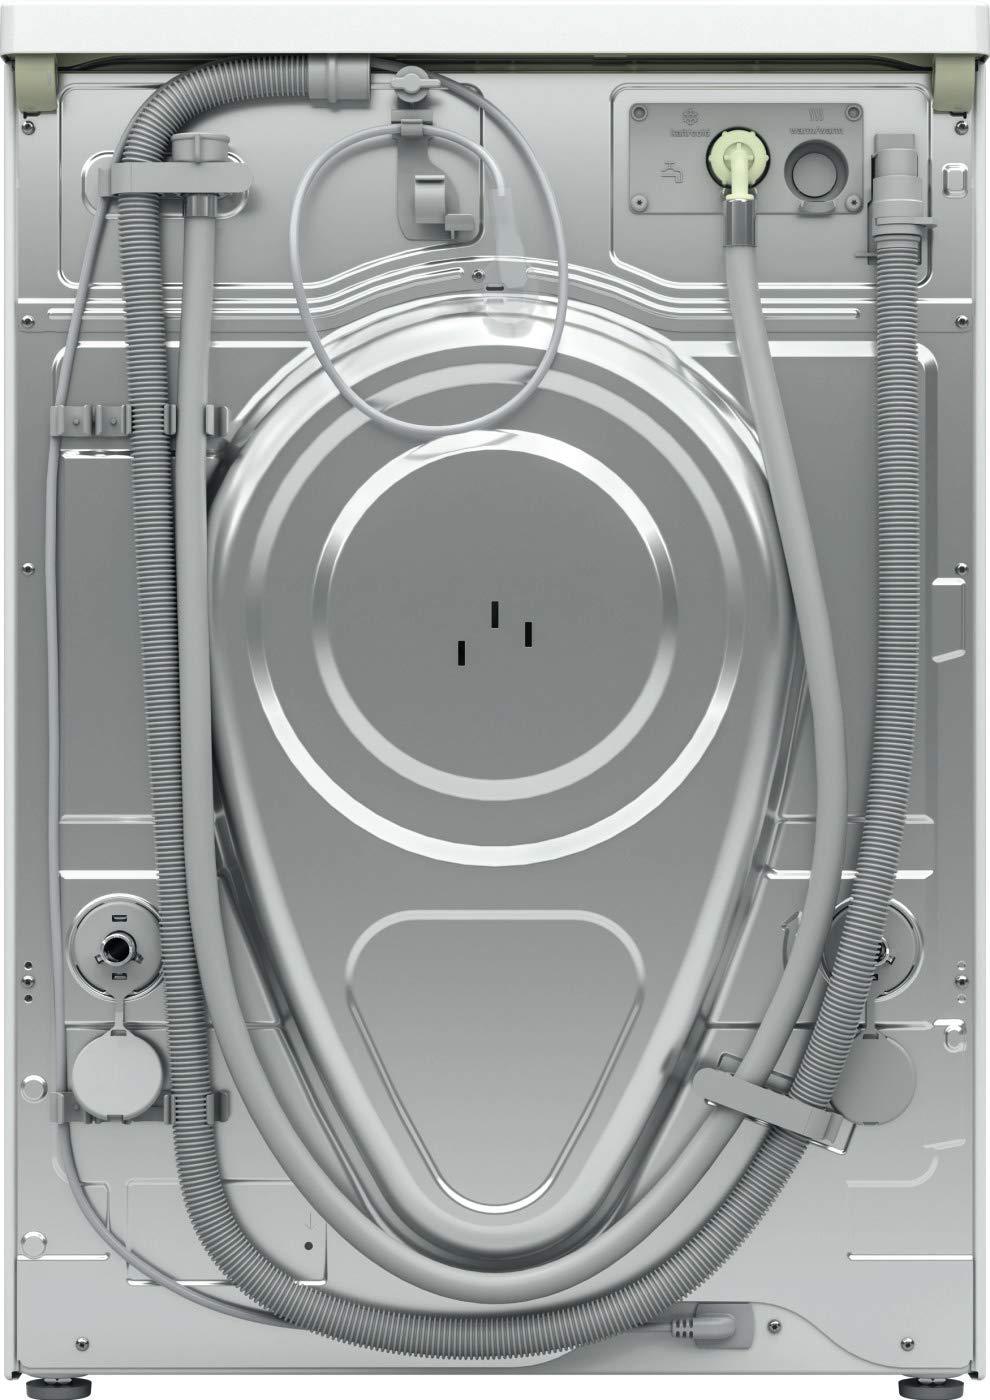 WSI-863-WCS-9kg-Waschmaschine-mit-Schontrommel-Autom-Waschmitteldosierung-PowerWash-Vernetzung-1600-Umin-Addload